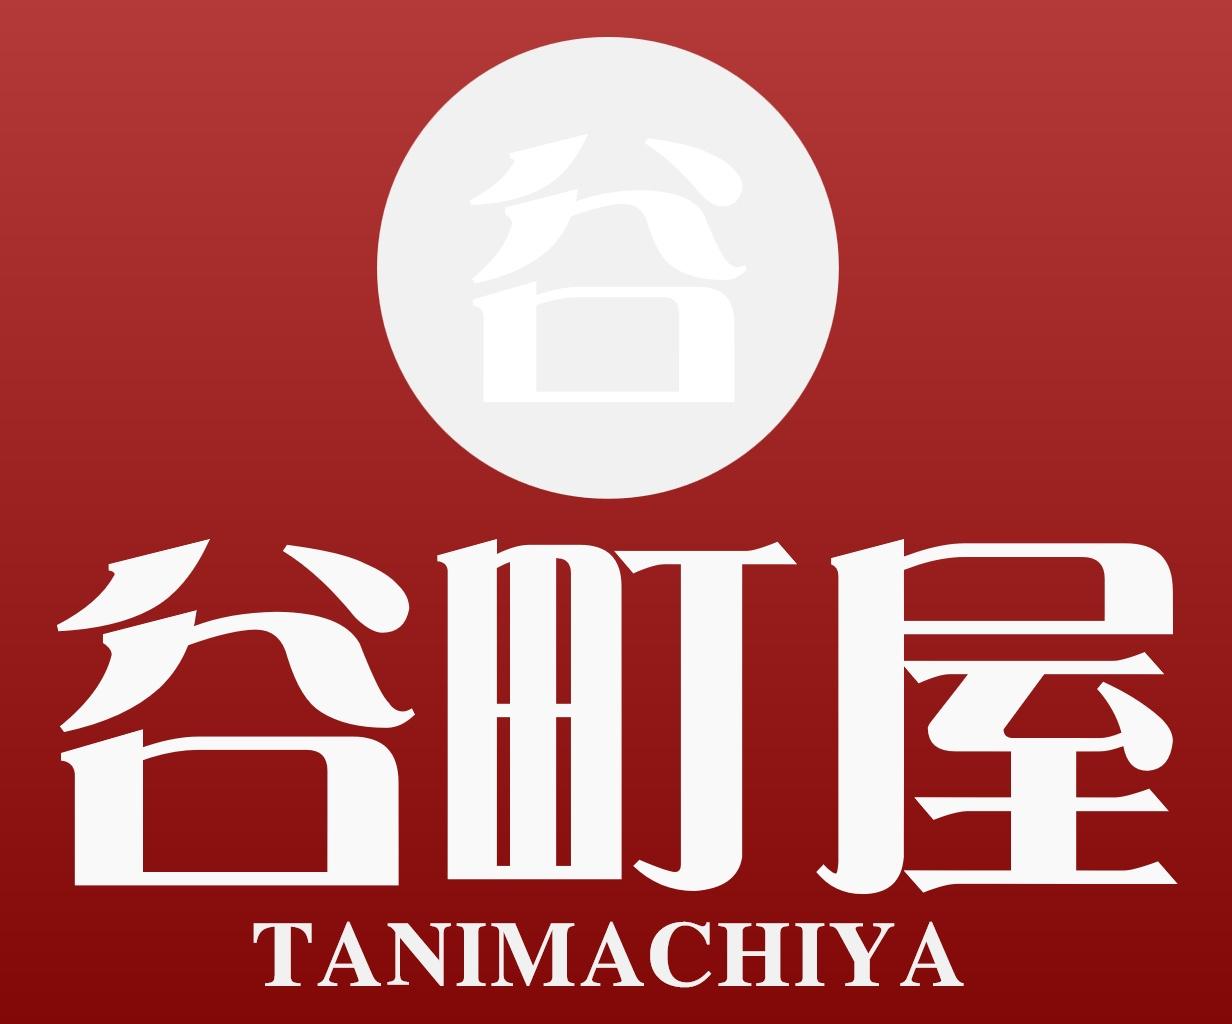 Tanimachiya